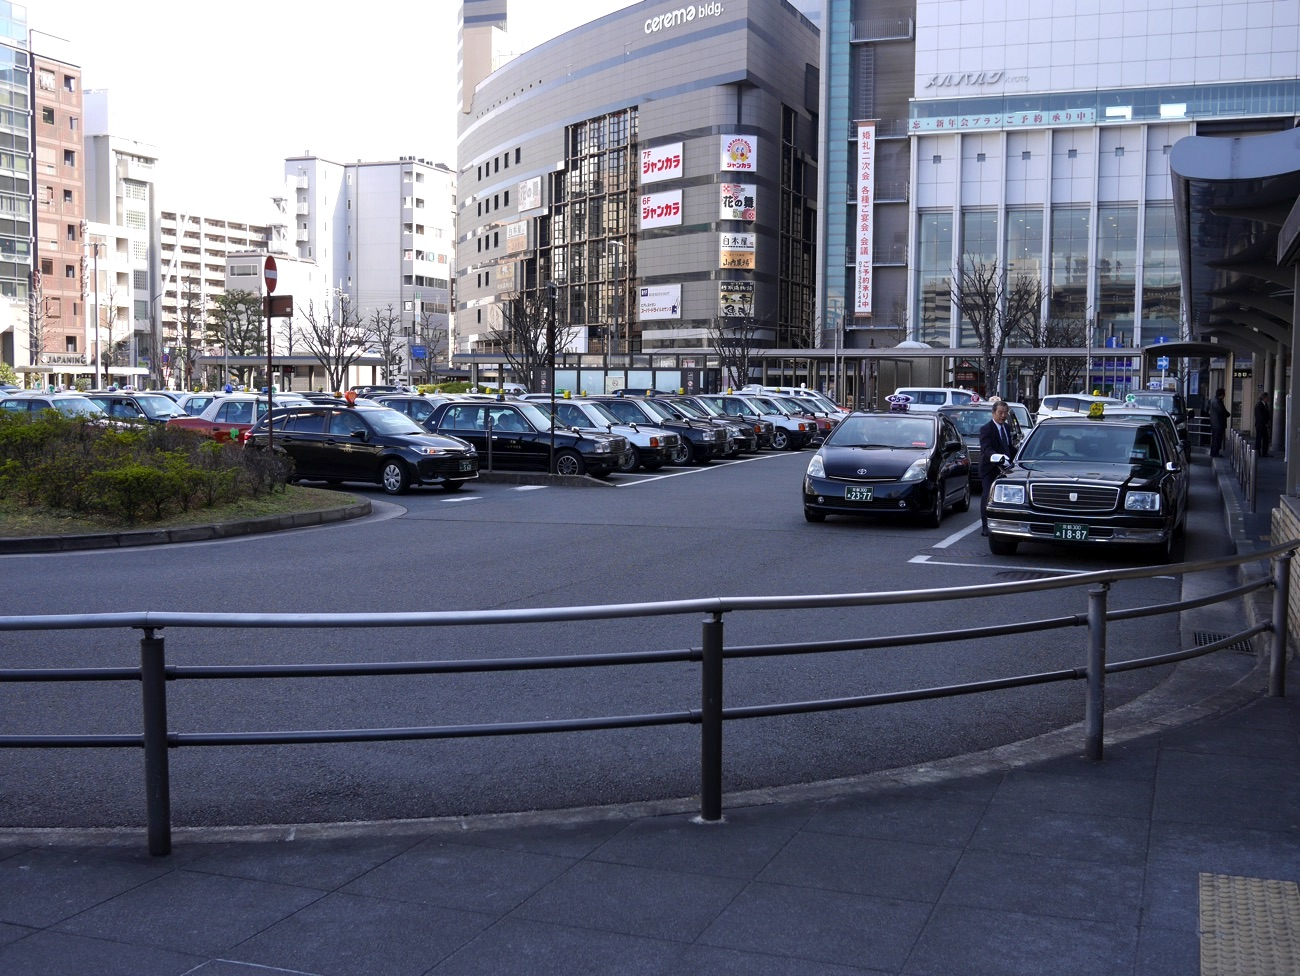 京都駅烏丸口一般タクシー乗り場